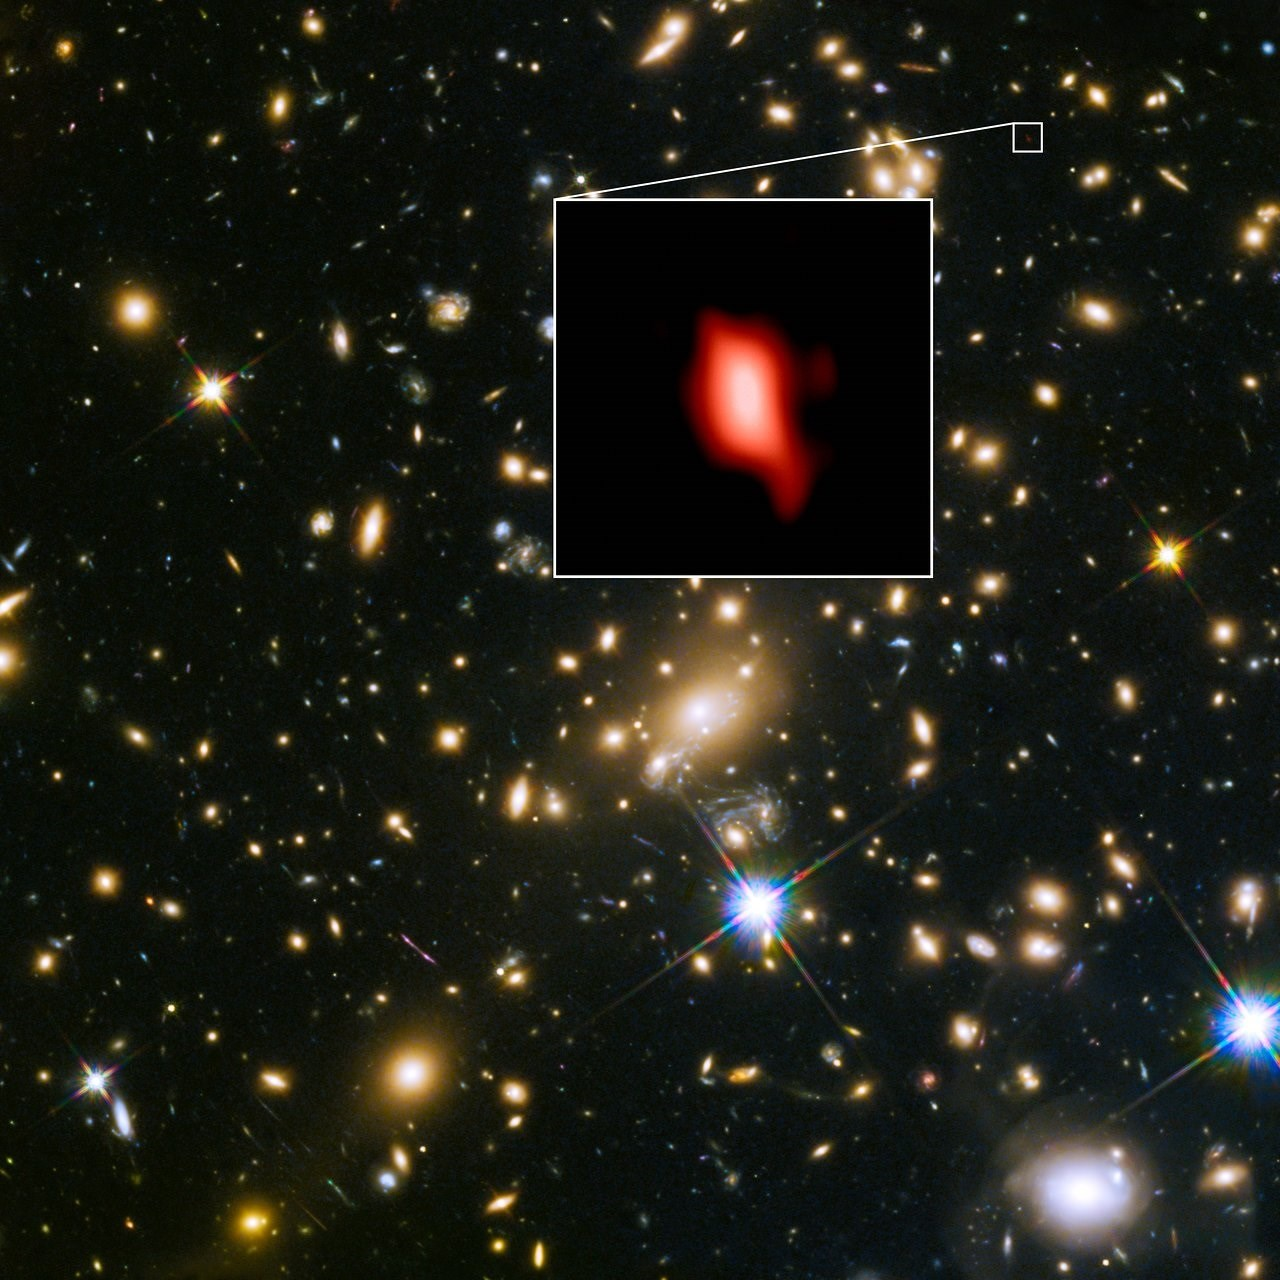 Resultado de imagen de El equipo infirió que la señal fue emitida hace 13.300 millones de años (o 500 millones de años después del Big Bang), convirtiéndolo en el oxígeno más distante jamás detectado por ningún telescopio. La presencia de oxígeno es una clara señal de que debe haber habido incluso generaciones anteriores de